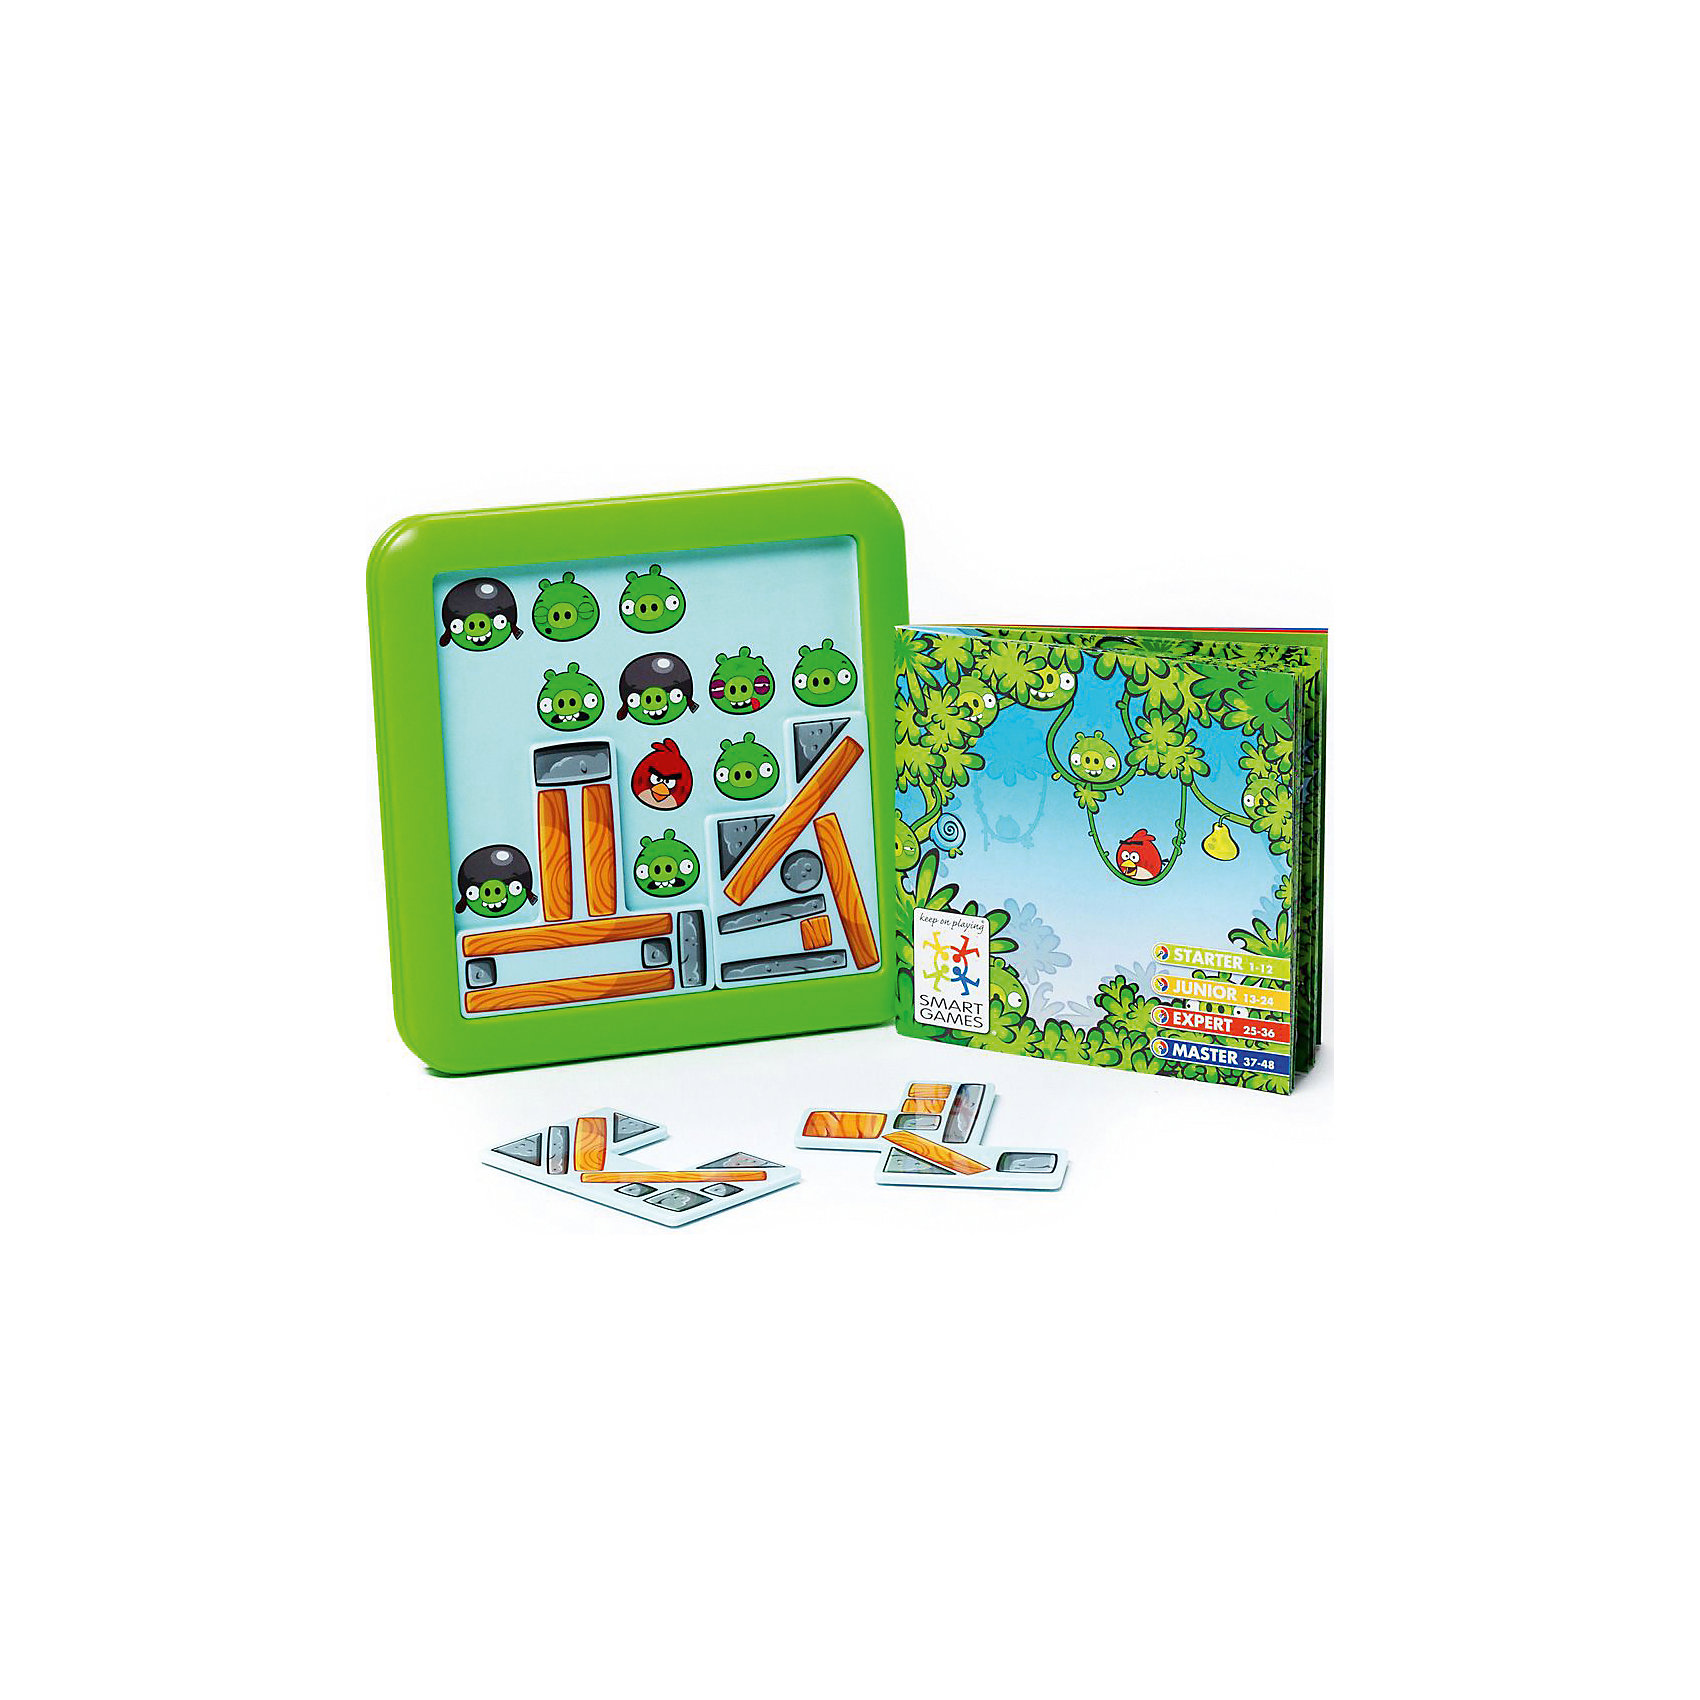 Логическая игра Angry Birds Playground Под конструкциейВ головоломке Angry Birds Playground ребенку предстоит соорудить крепость, чтобы оградить птичек от враждебных свиней. Передвигая детали, нужно закрыть изображения свинок и оставить видимыми только определенных птиц, которые указаны в задании. Всего в игре представлено 48 задач, различного уровня сложности.<br><br>Дополнительная информация:<br><br>- Возраст: от 7 лет<br>- В комплекте: игровое поле, блоки конструкции, инструкция<br>- Материал: картон, пластик<br>- Размер упаковки: 15х5х18 см<br>- Вес: 0.3 кг<br><br>Логическую игру Angry Birds Playground Под конструкцией можно купить в нашем интернет-магазине.<br><br>Ширина мм: 156<br>Глубина мм: 56<br>Высота мм: 180<br>Вес г: 300<br>Возраст от месяцев: 84<br>Возраст до месяцев: 1188<br>Пол: Унисекс<br>Возраст: Детский<br>SKU: 4864531